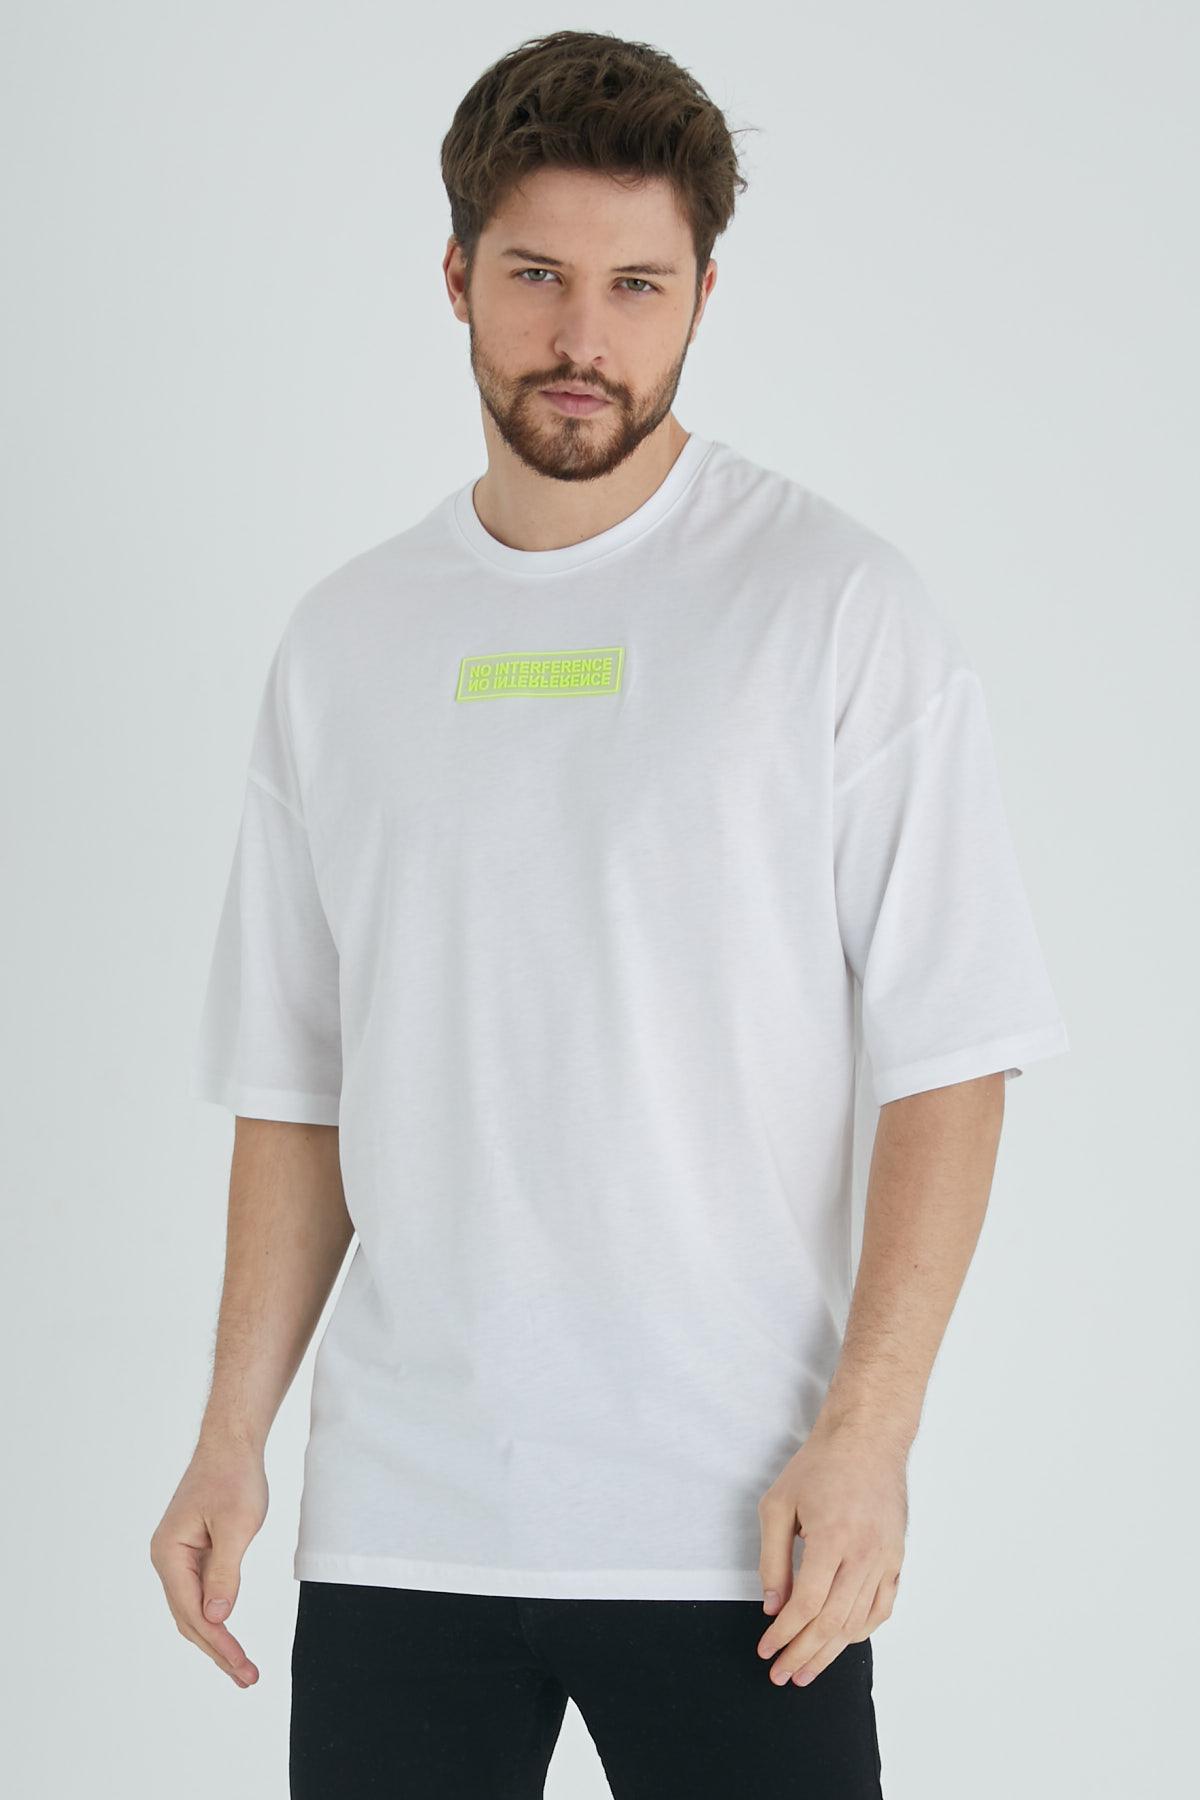 XHAN - Beyaz Baskılı Oversize T-Shirt 1KXE1-44677-01